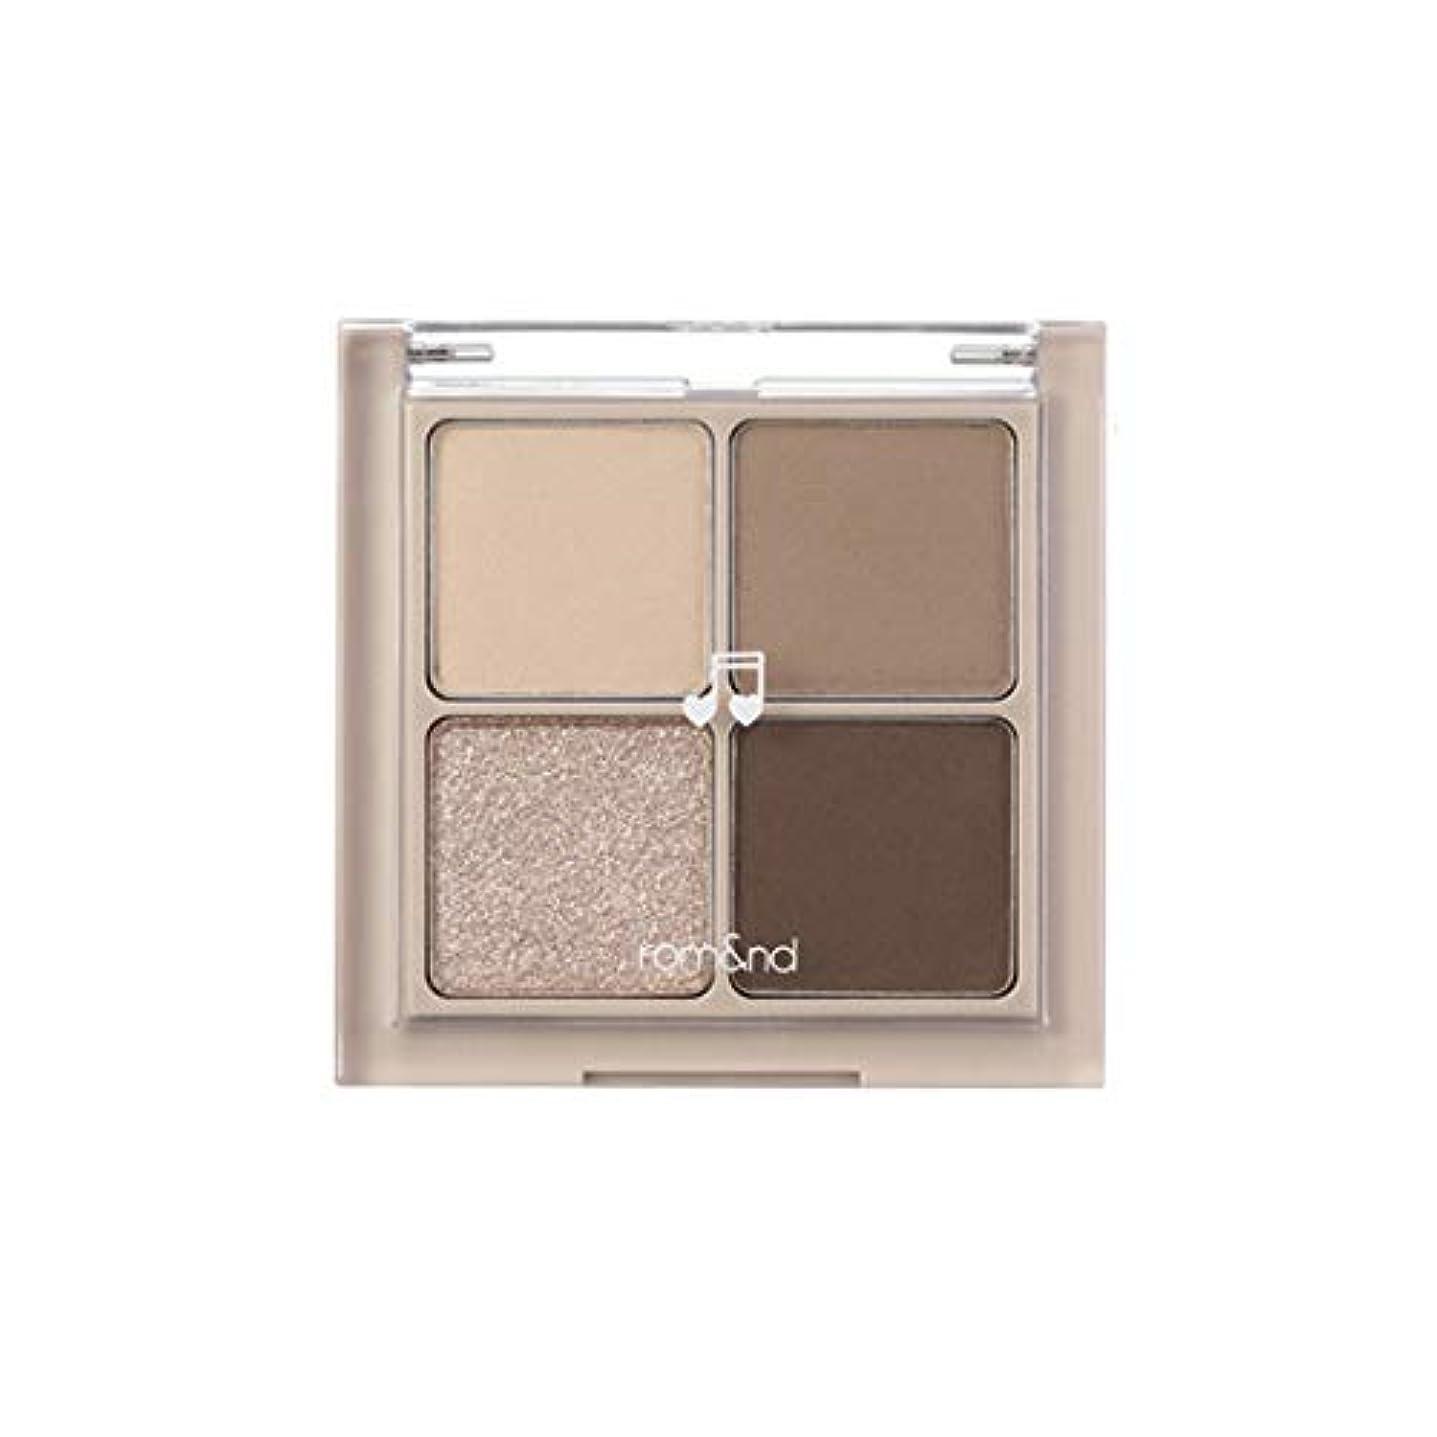 じゃない委員長古いrom&nd BETTER THAN EYES Eyeshadow Palette 4色のアイシャドウパレット # M2 DRY buckwheat flower(並行輸入品)